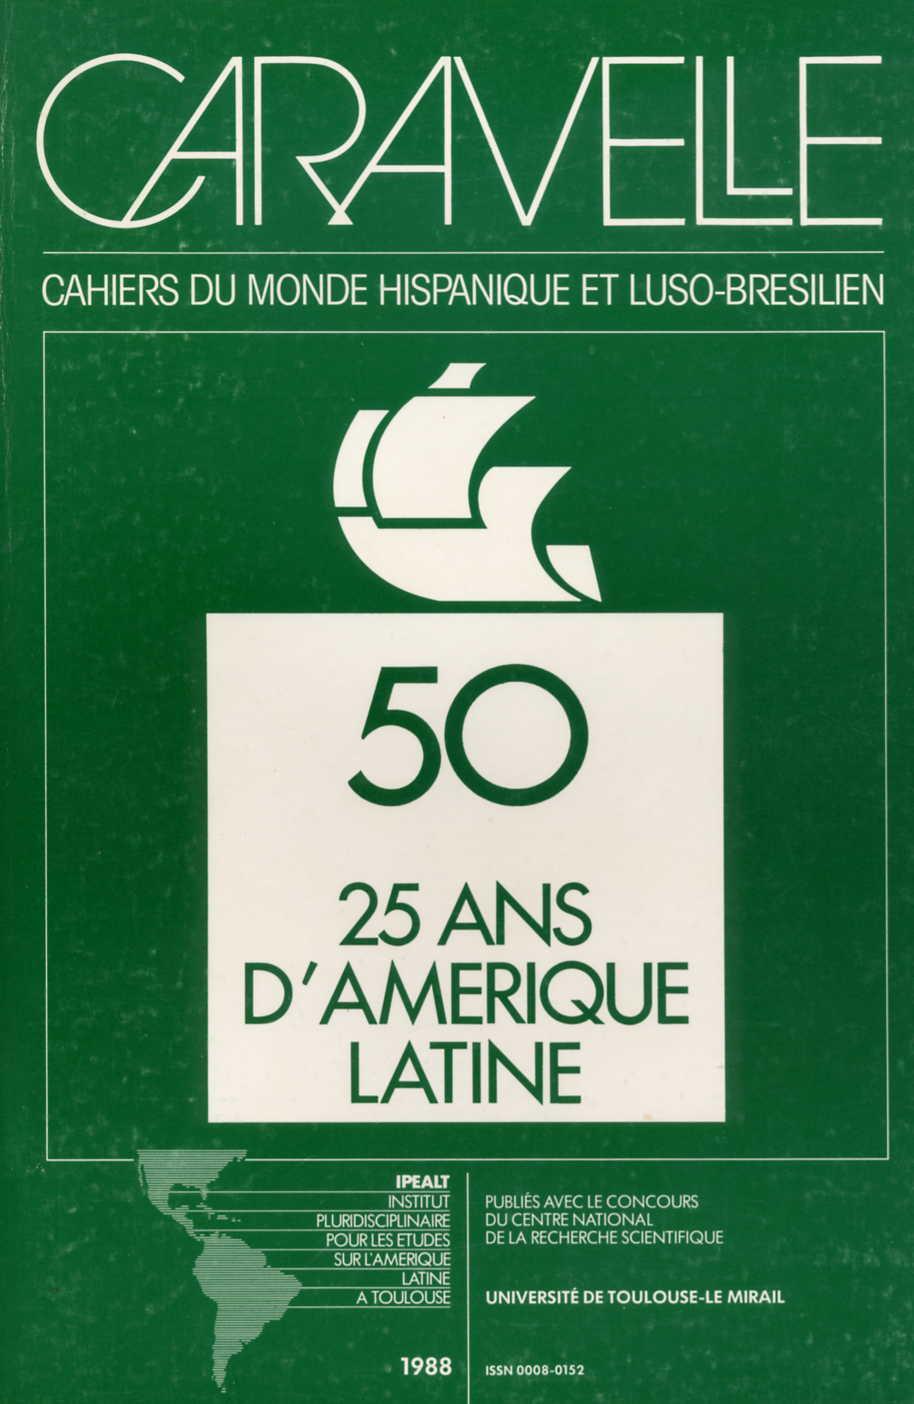 couverture de Caravelle au bout d'un quart de siècle, à mi-parcourt